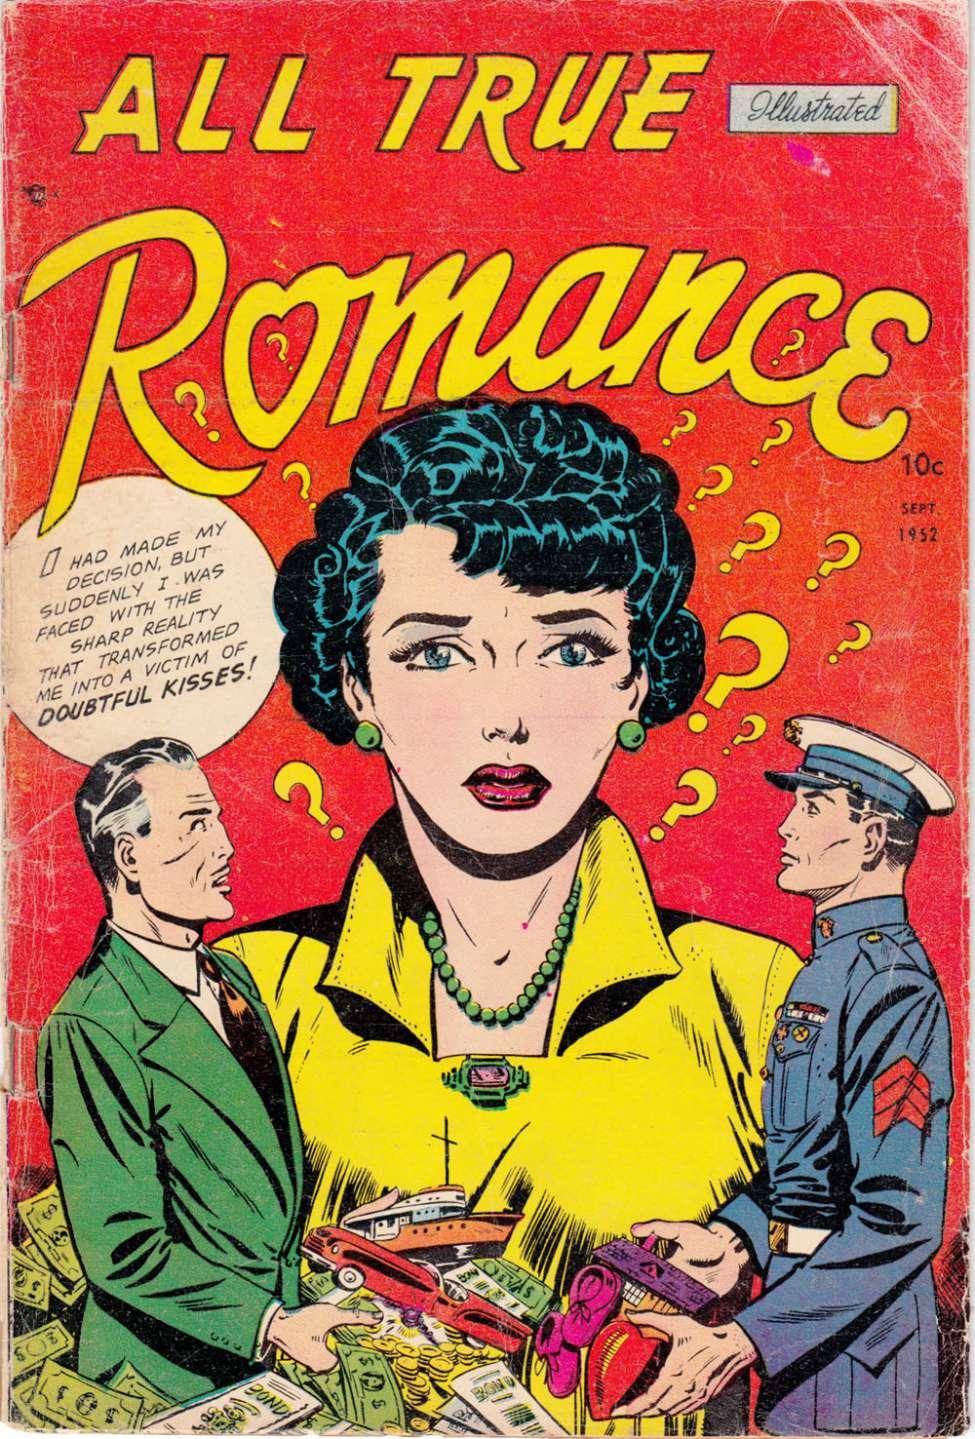 Romance Book Cover Letter : All true romance comic media book plus